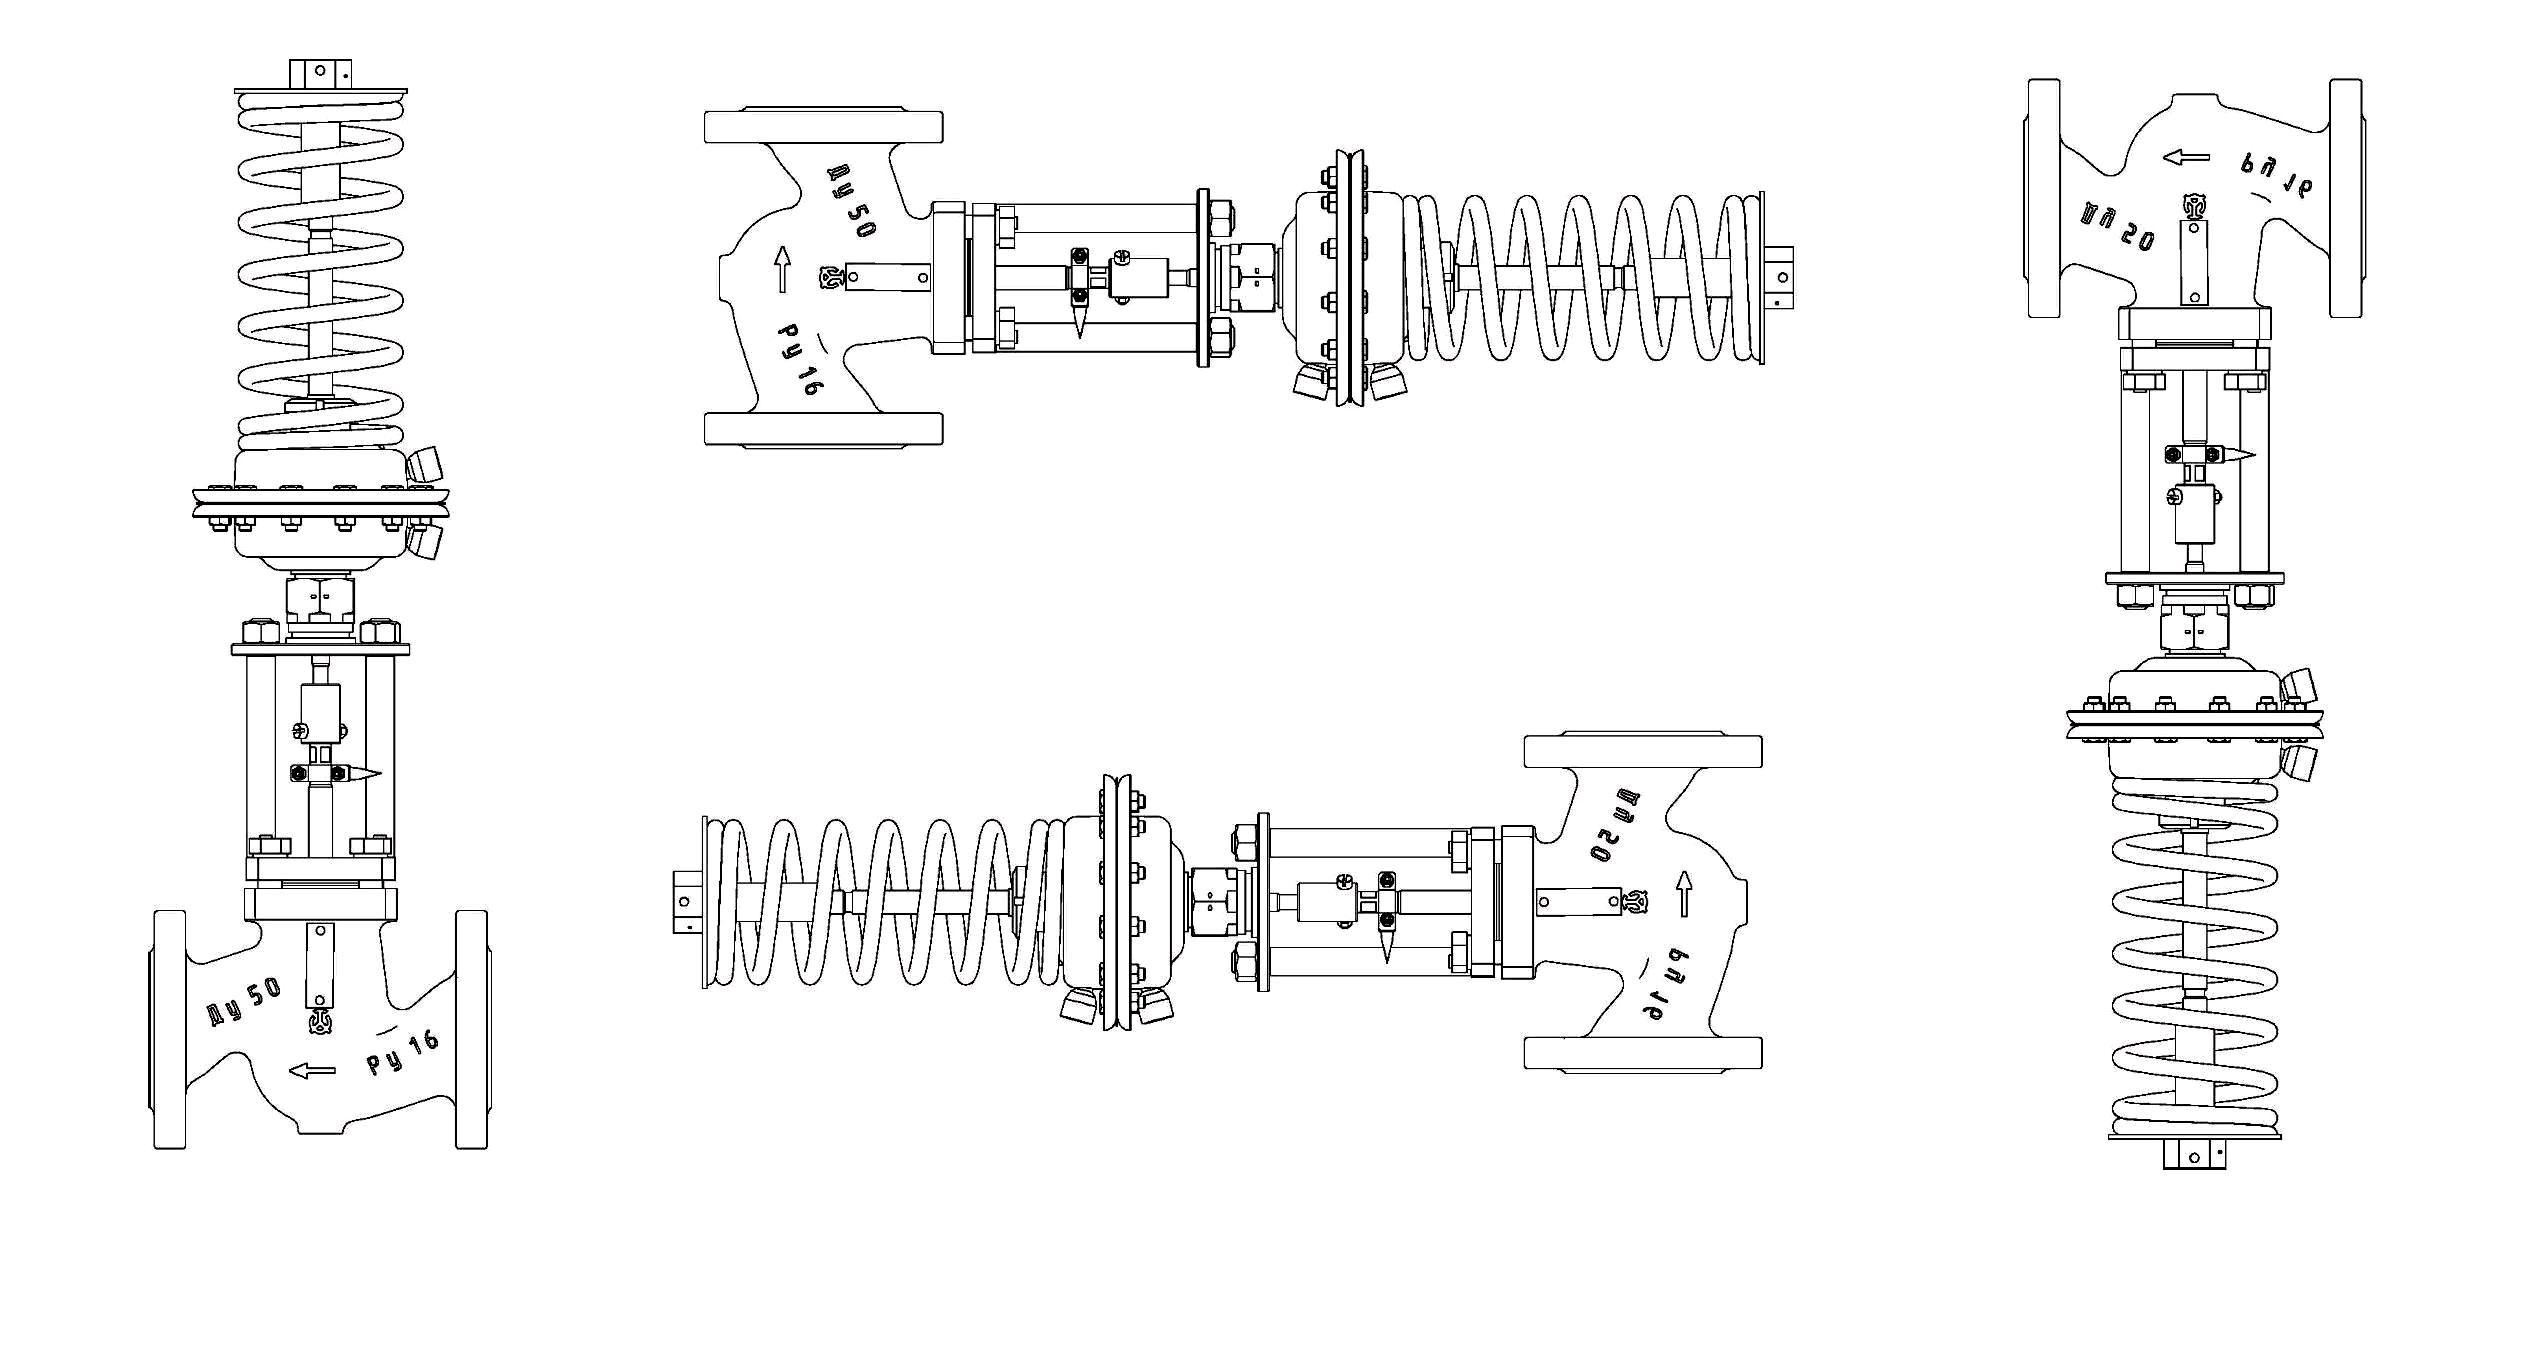 схема подключения регулятора рд-32м